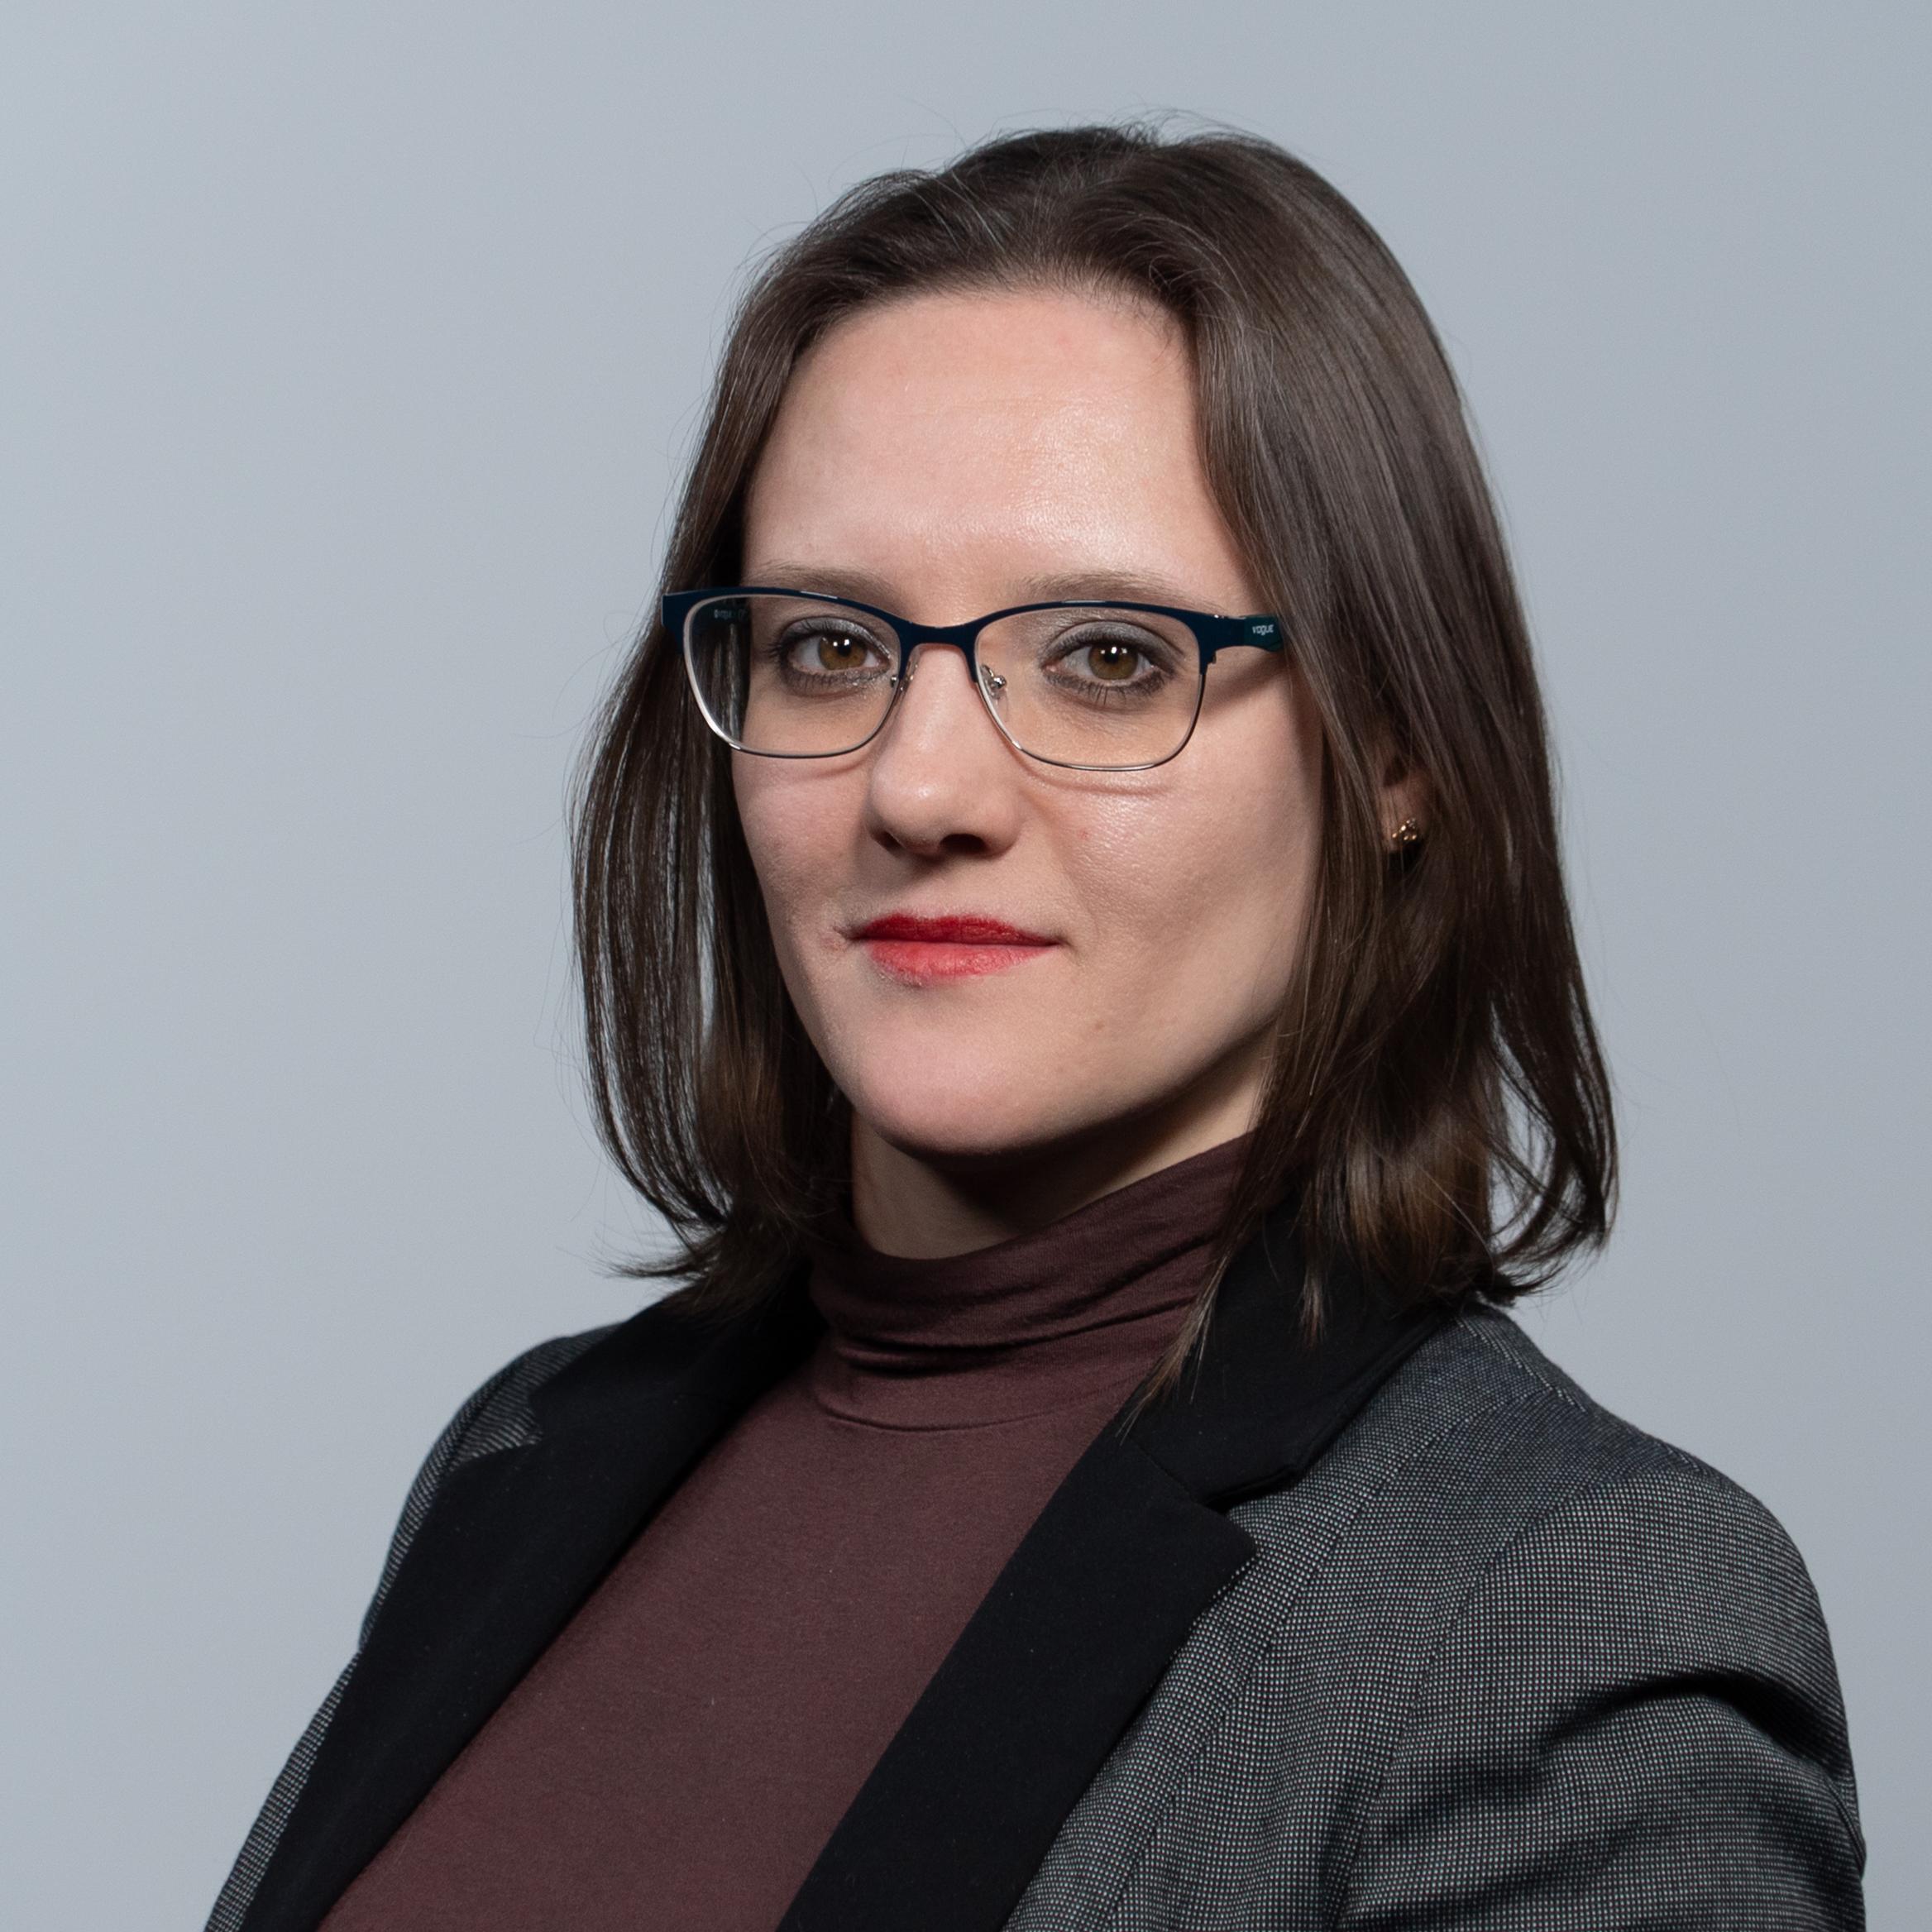 Николаева Валентина Александровна